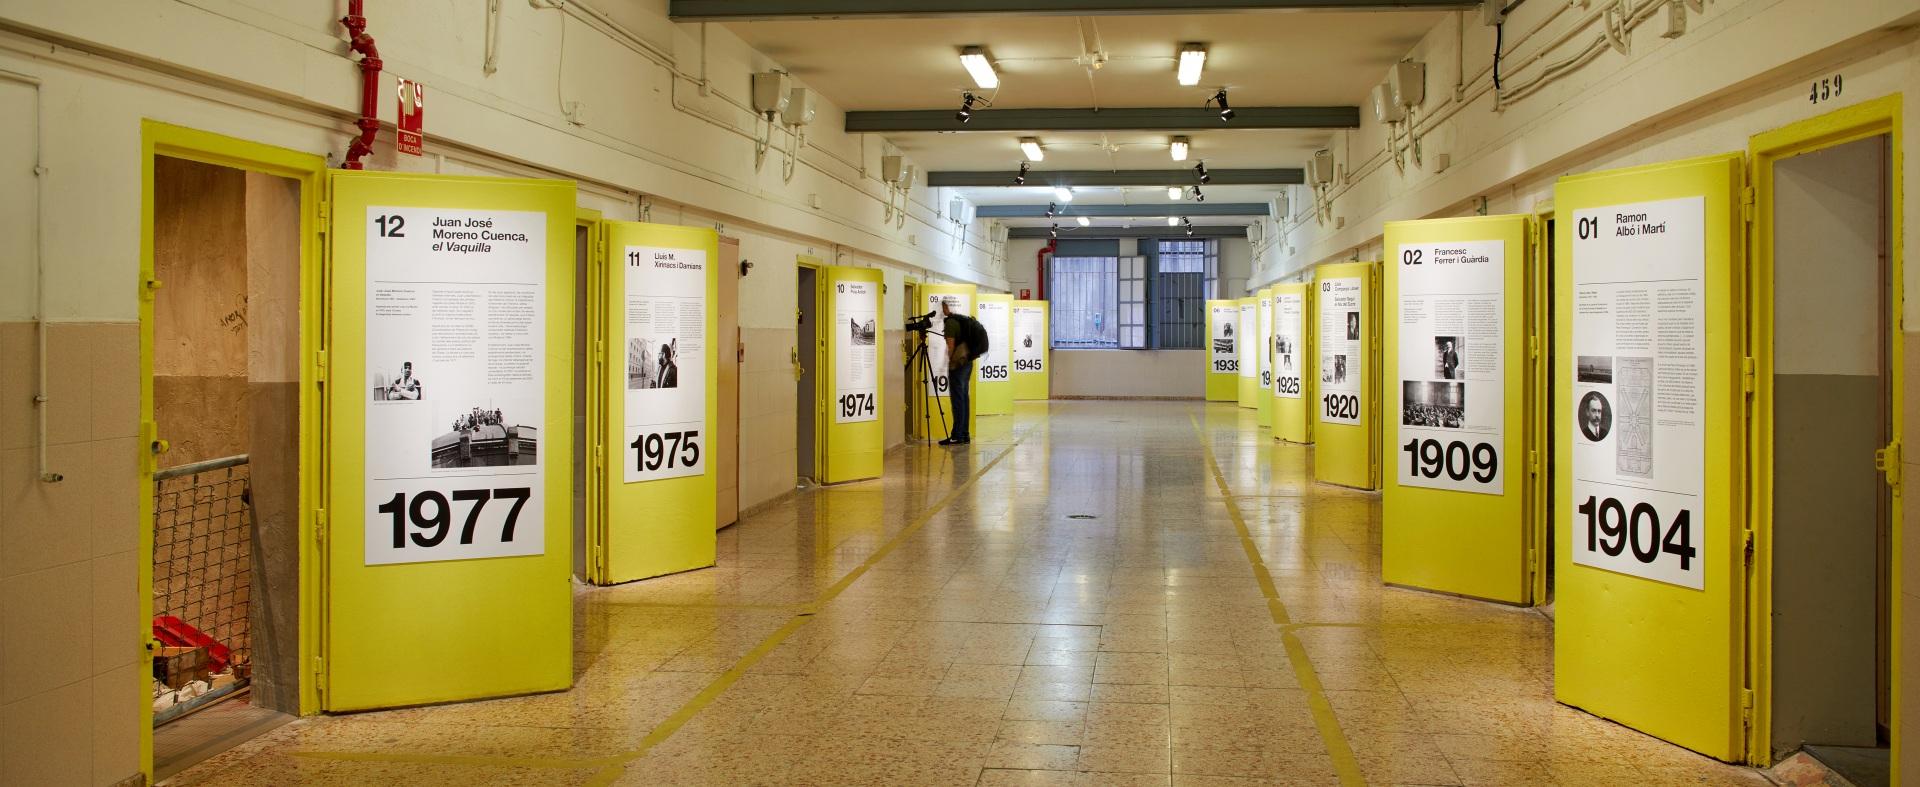 Visita museizada a la Presó Model. Galería 5, rejas de acceso y puertas amarillas. Fotógrafo al fondo.